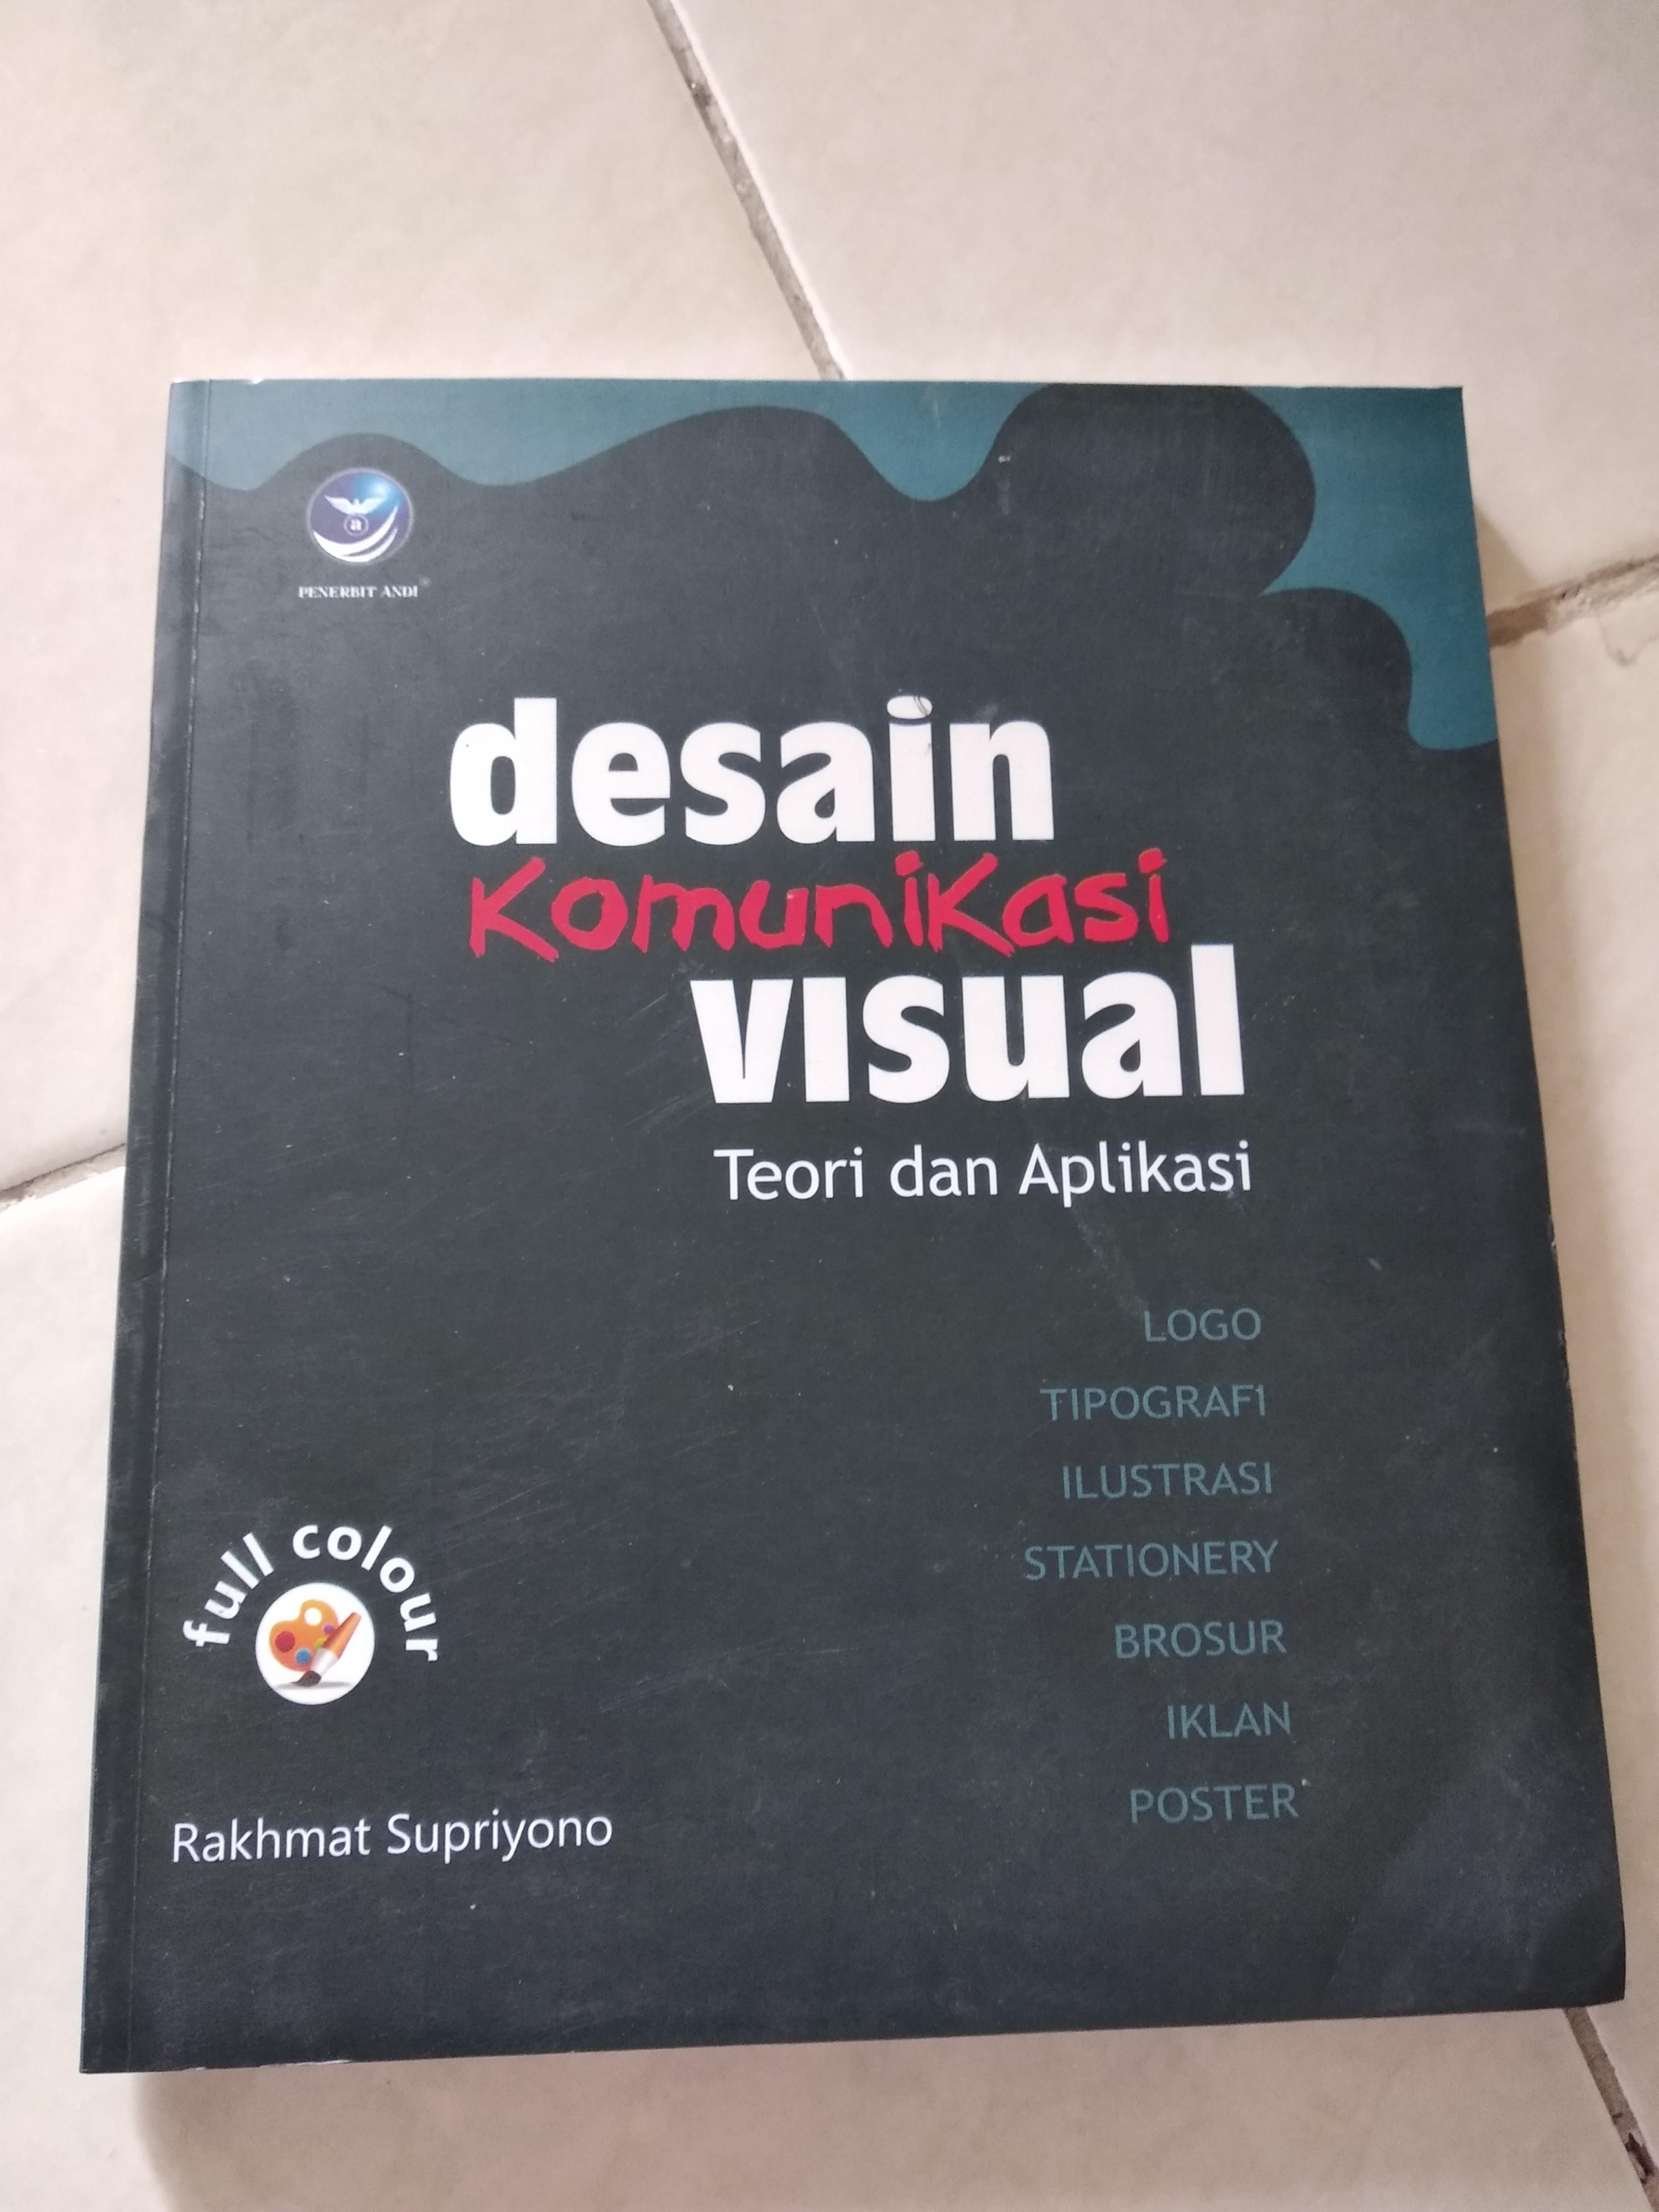 61+ Gambar Desain Komunikasi Visual Ebook HD Terbaru Unduh Gratis